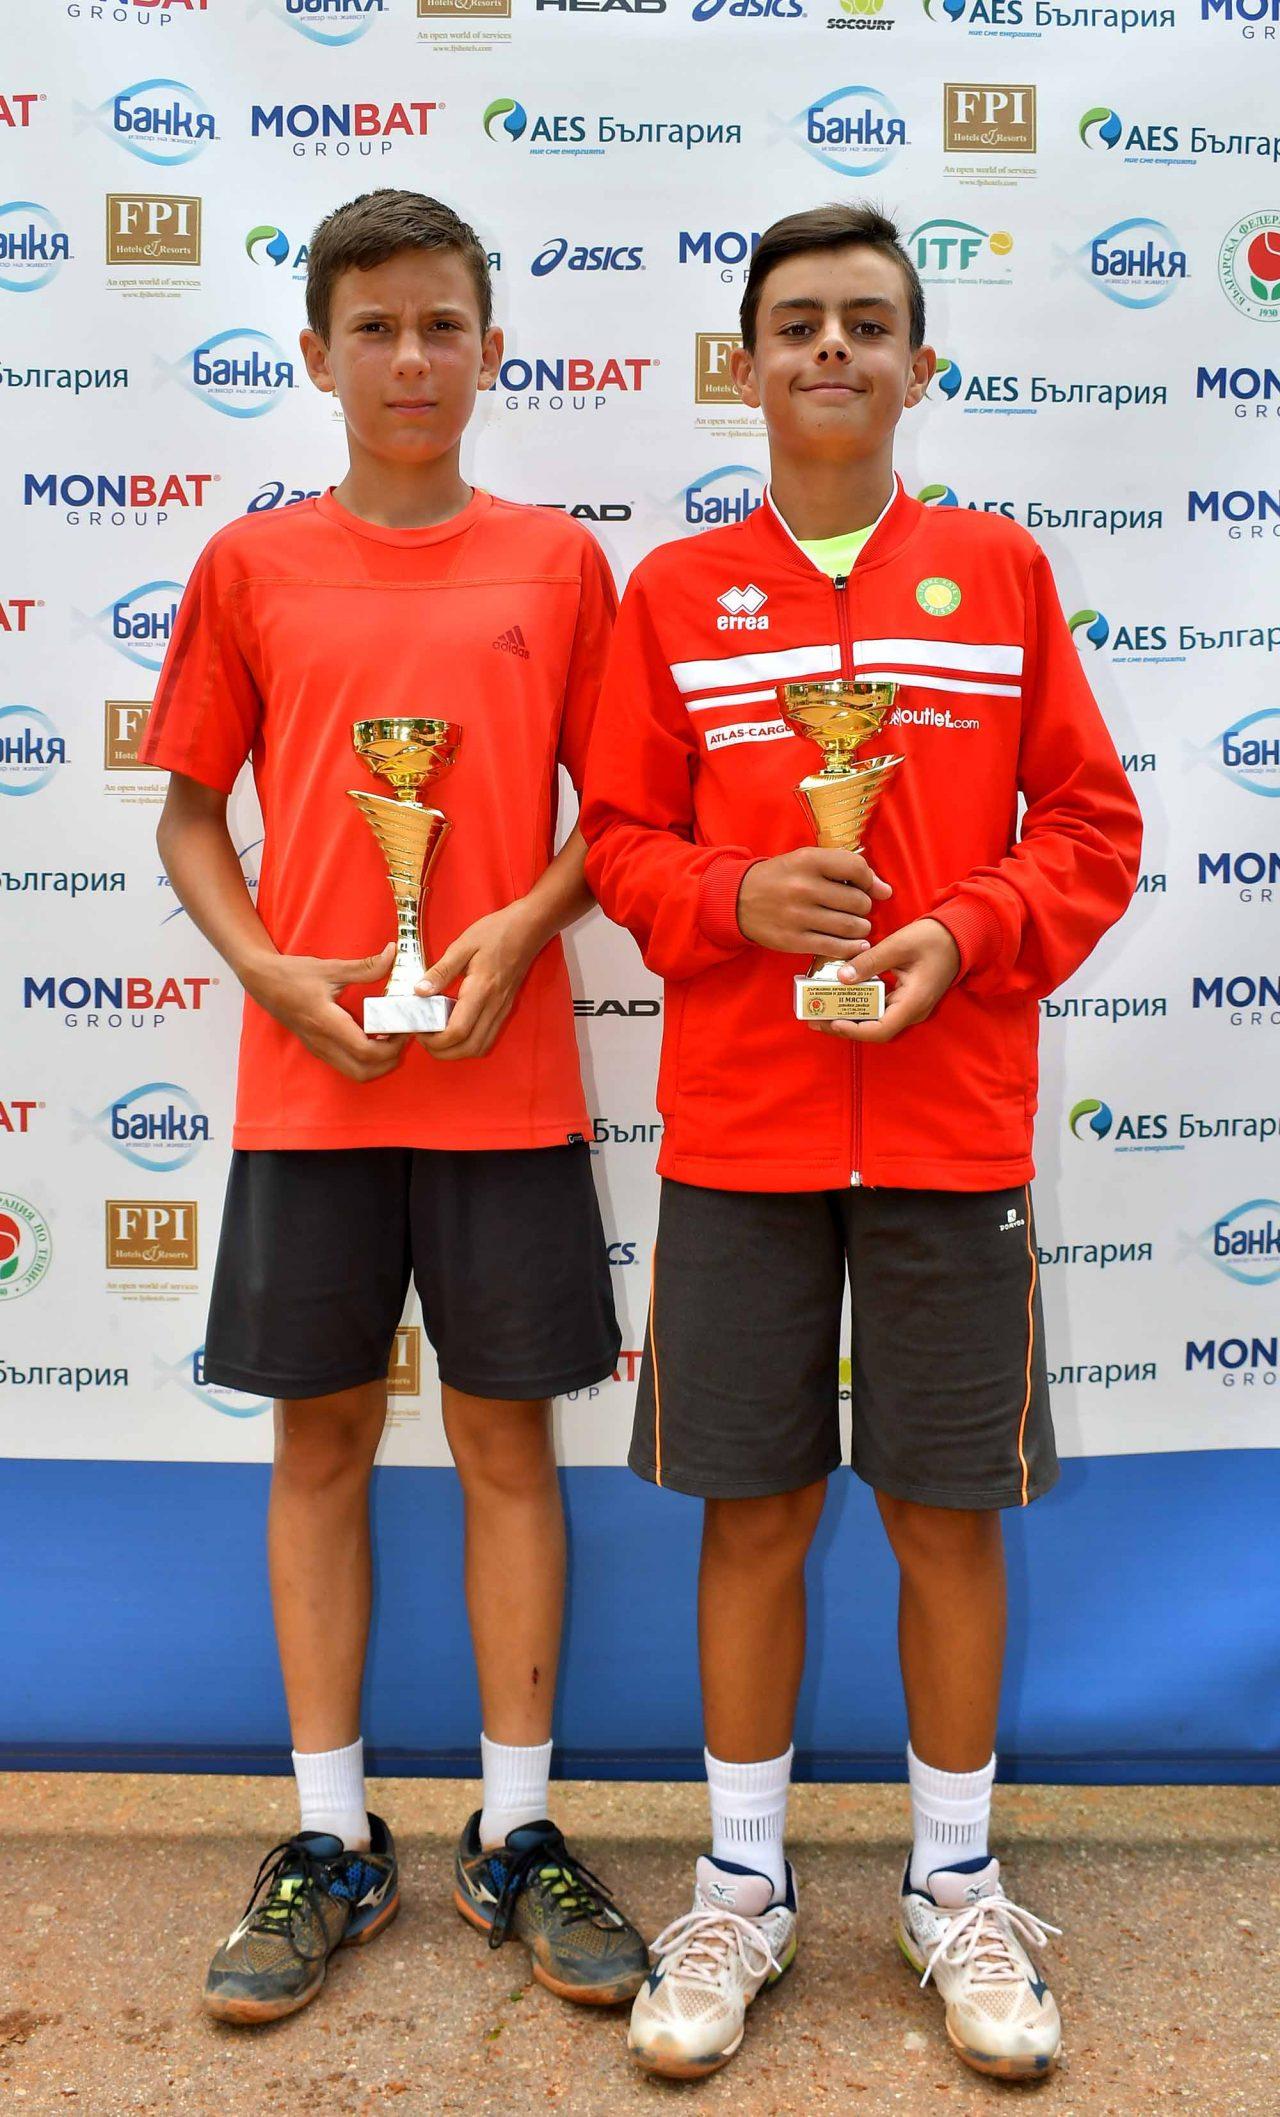 Държавно първенство тенис до 14 год. ТК 15-40 финал двойки (43)